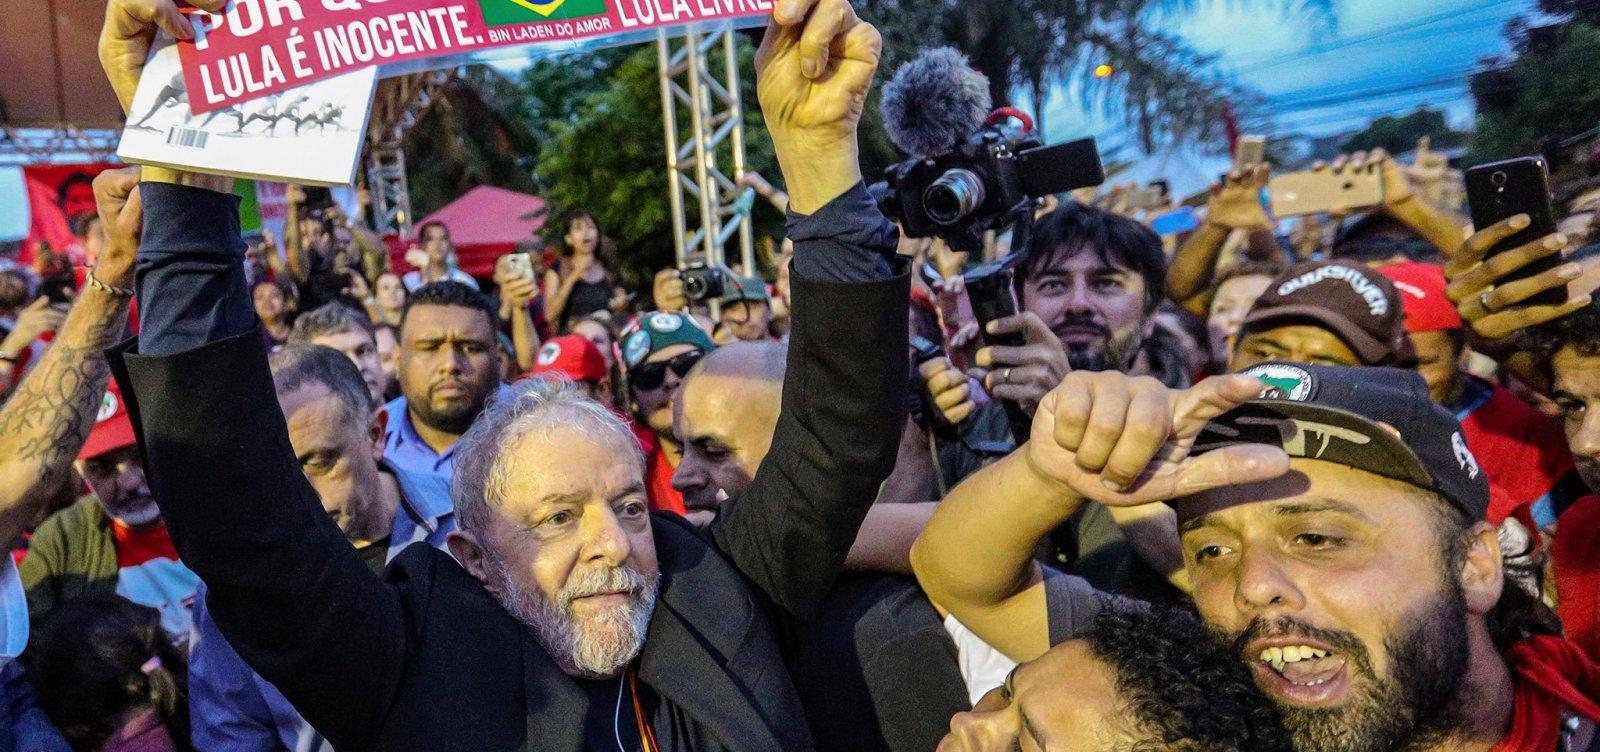 Lula deve retomar agenda partidária e pode visitar Salvador até o final de ano